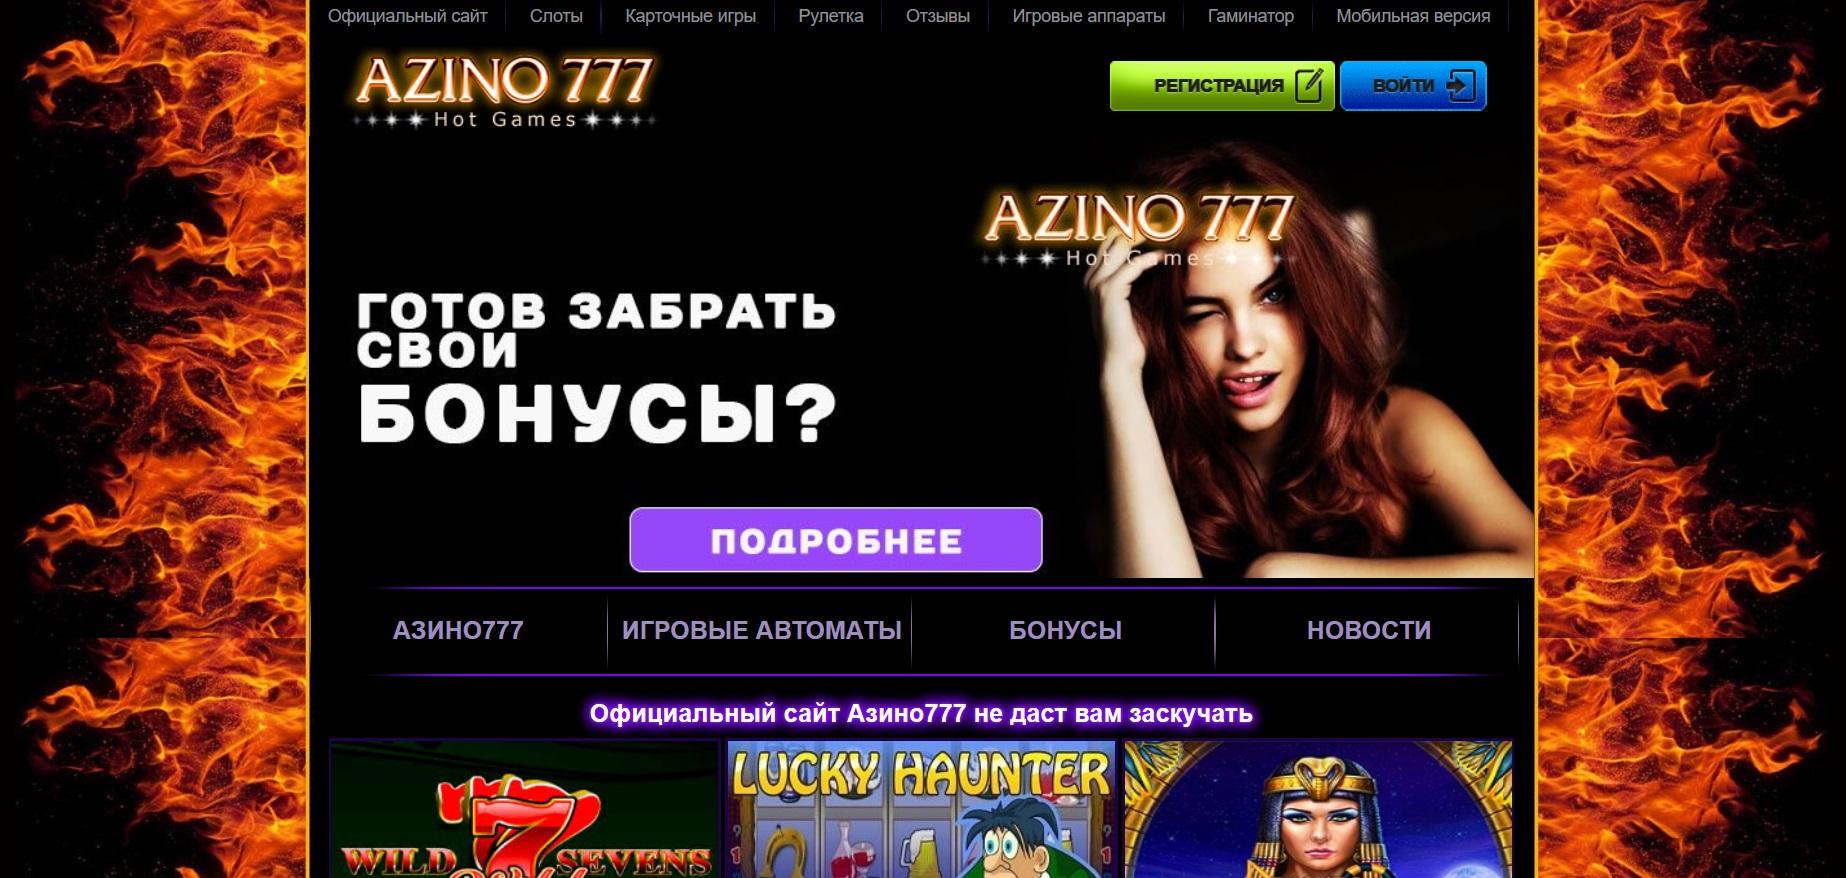 азино 777 официальный сайт версия